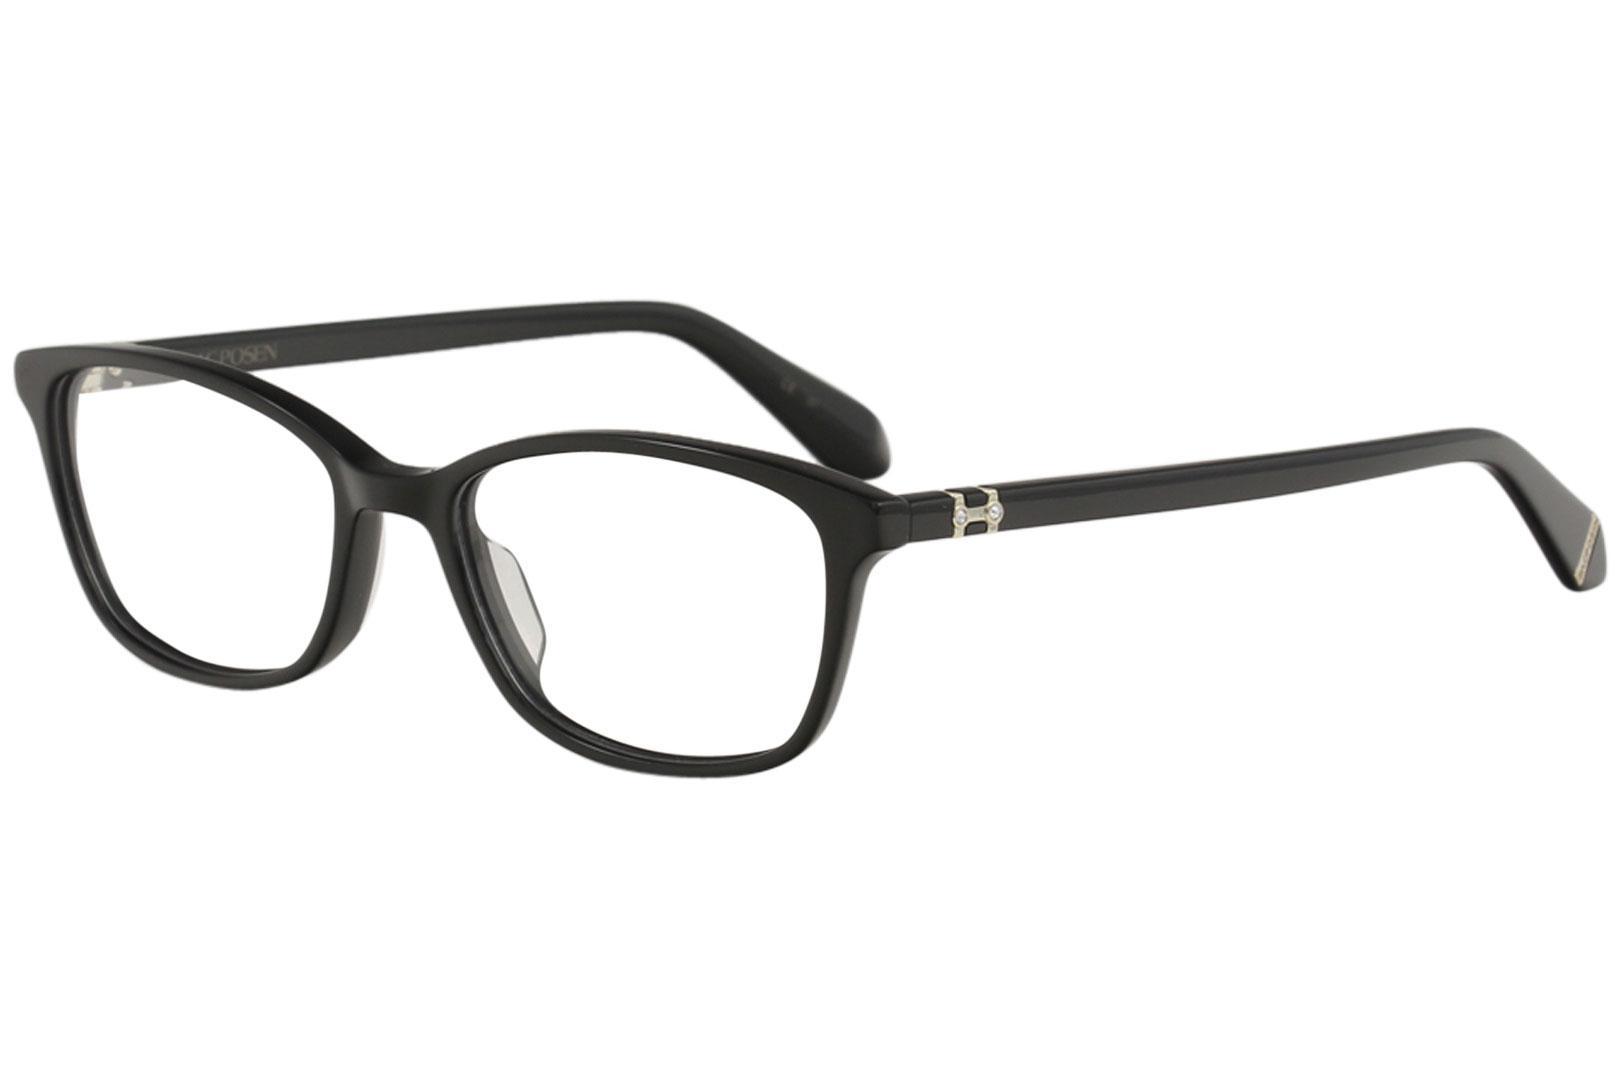 Image of Zac Posen Women's Eyeglasses Cecilee Full Rim Optical Frame - Black   BK - Lens 52 Bridge 16 Temple 138mm